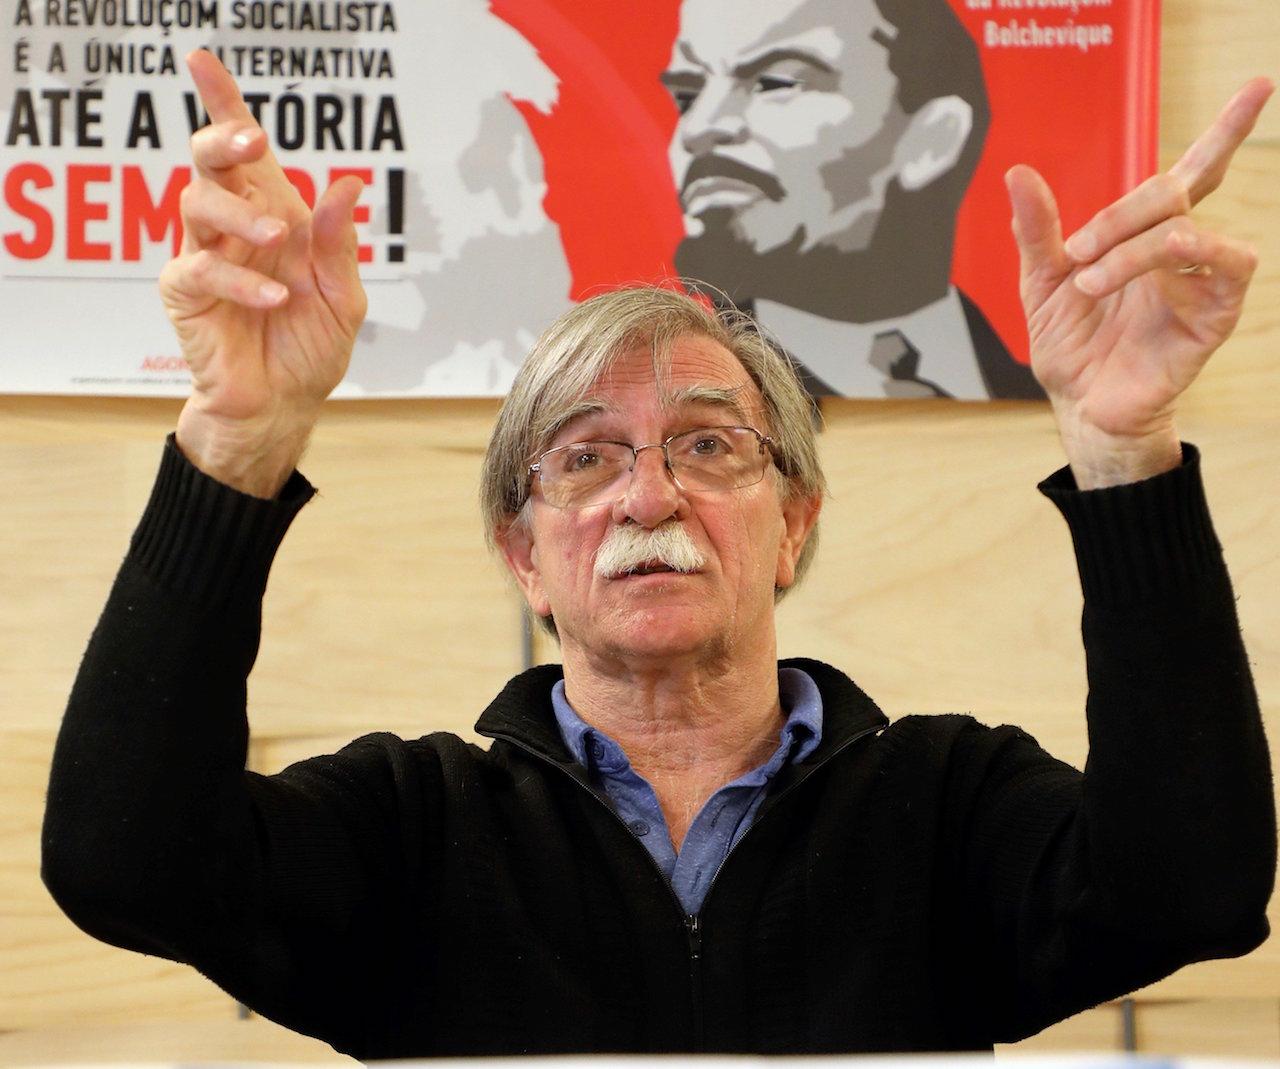 Juan Martín Guevara, hermano del histórico revolucionario Ernesto